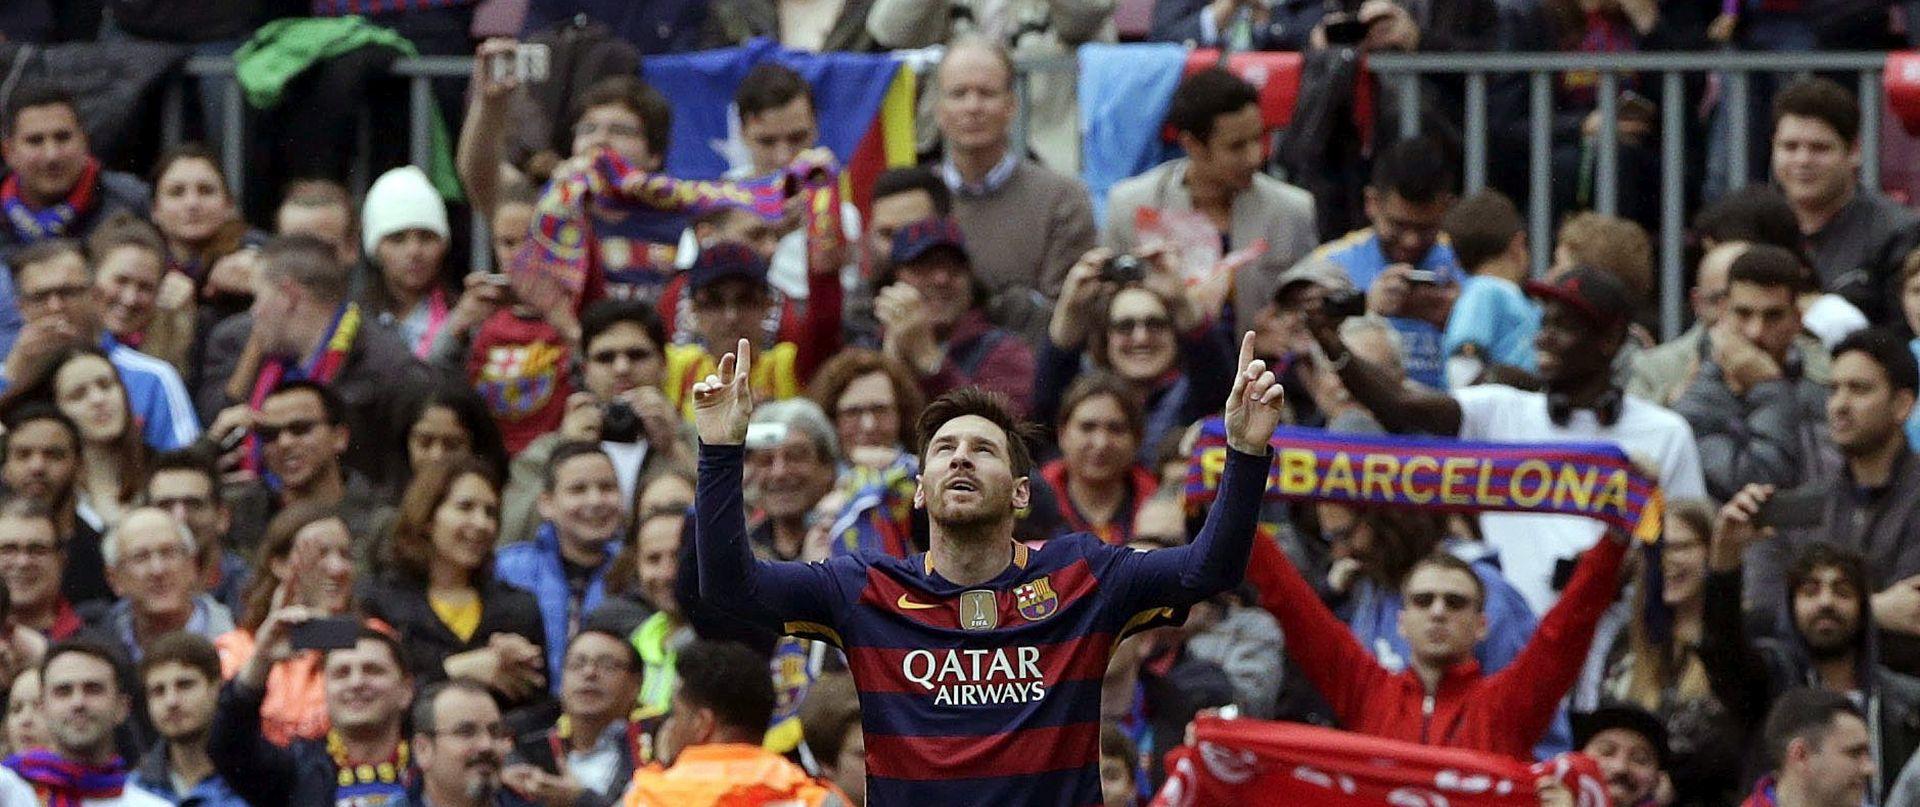 ATLETICO ISPAO IZ UTRKE ZA NASLOV PRVAKA 'Petarda' Barcelone, slavlje Real Madrida